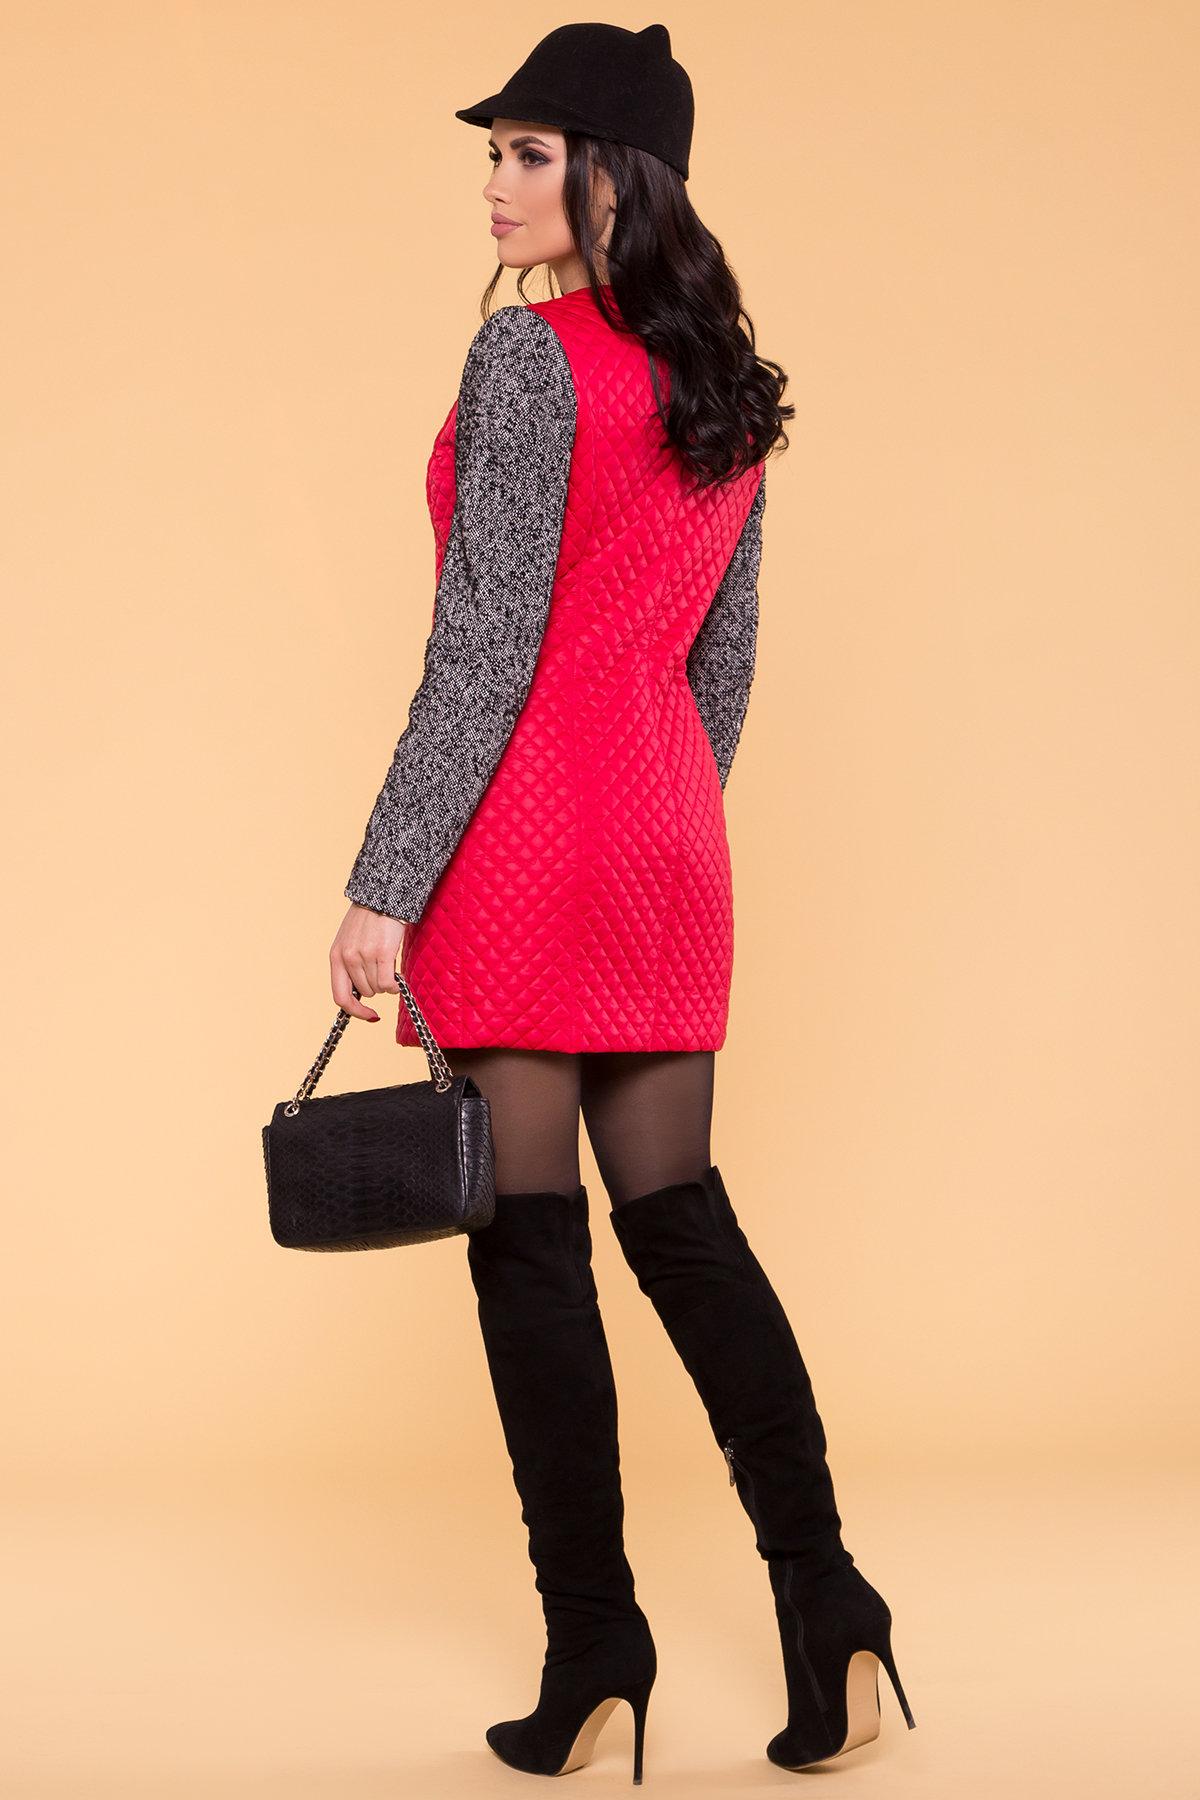 Пальто Матео 4809 Цвет: Красный/Серый 1